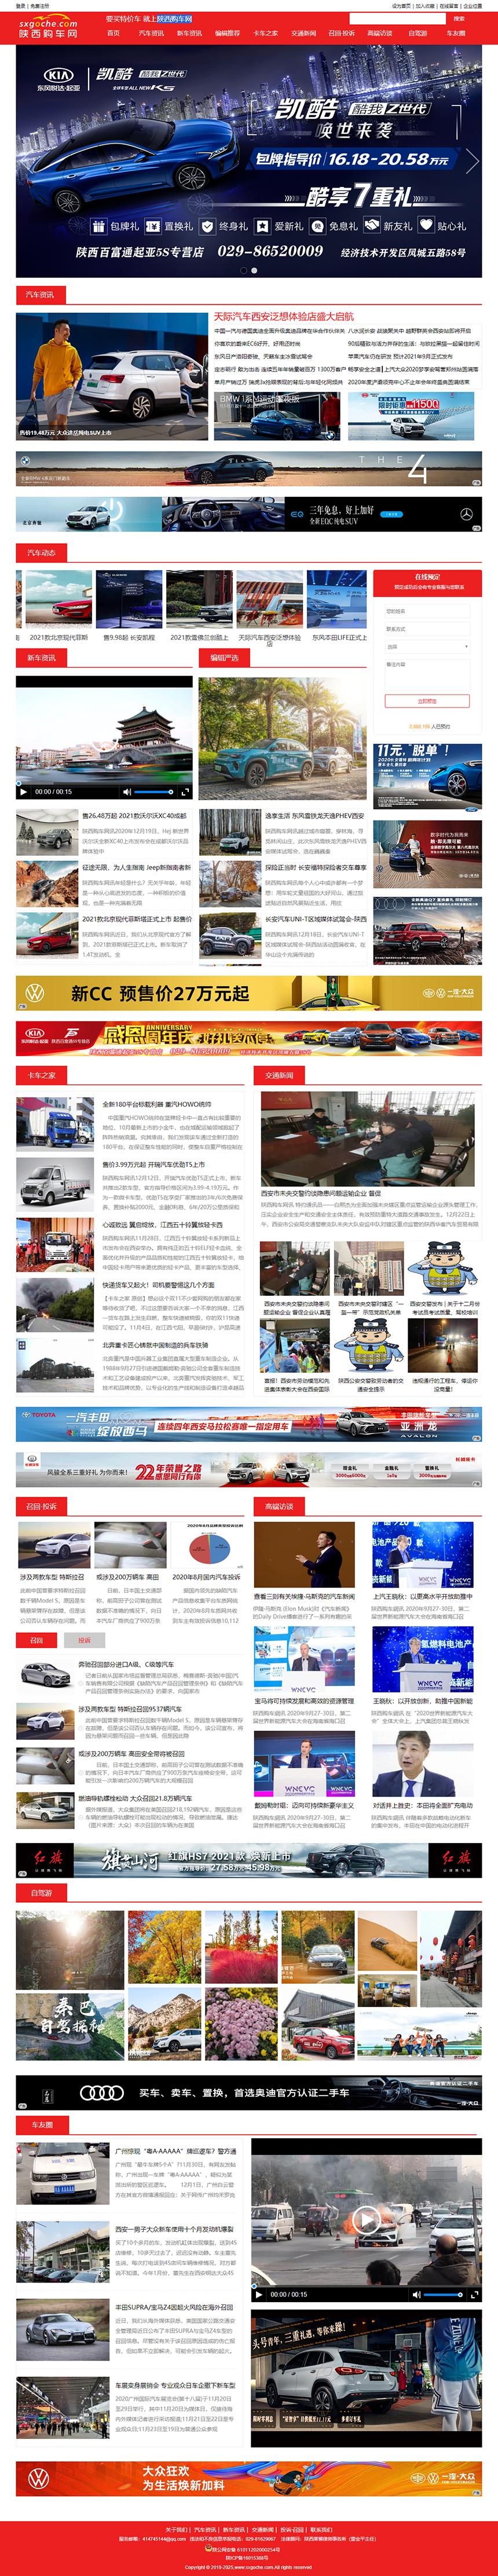 陕西购车网—西部专业汽车服务平台.png